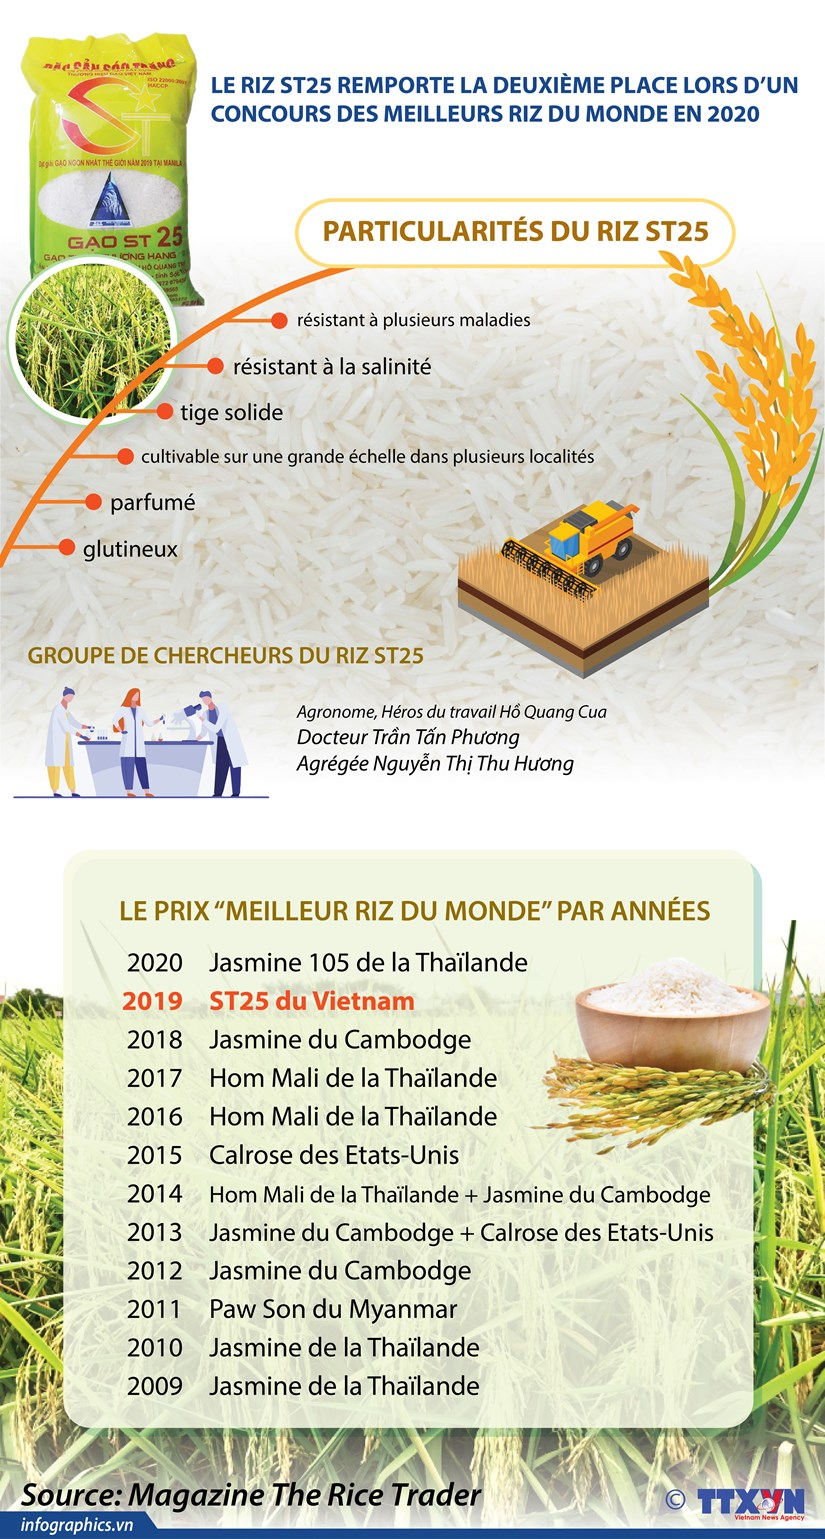 Le riz ST25 du Vietnam, deuxieme place lors d'un concours des meilleurs riz du monde en 2020 hinh anh 1